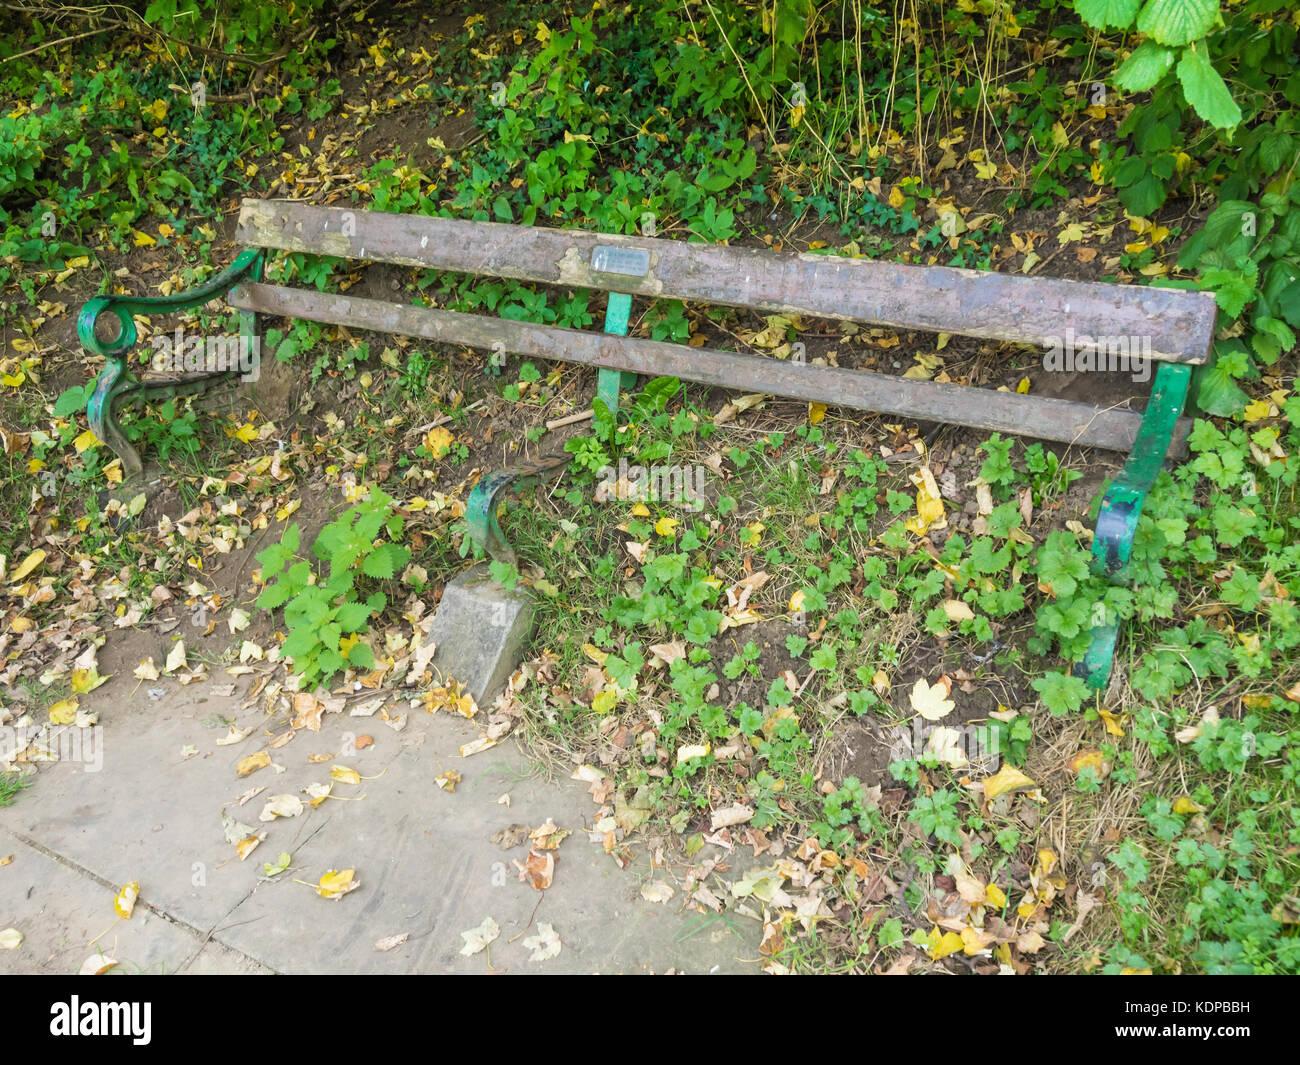 Öffentliche Sitzbank, mit einer Widmung zu einem Paar, das im Jahr 1987 starb, mit dem Sitz timbers verfiel und verlor den Sitz verlassen nutzlos Stockfoto